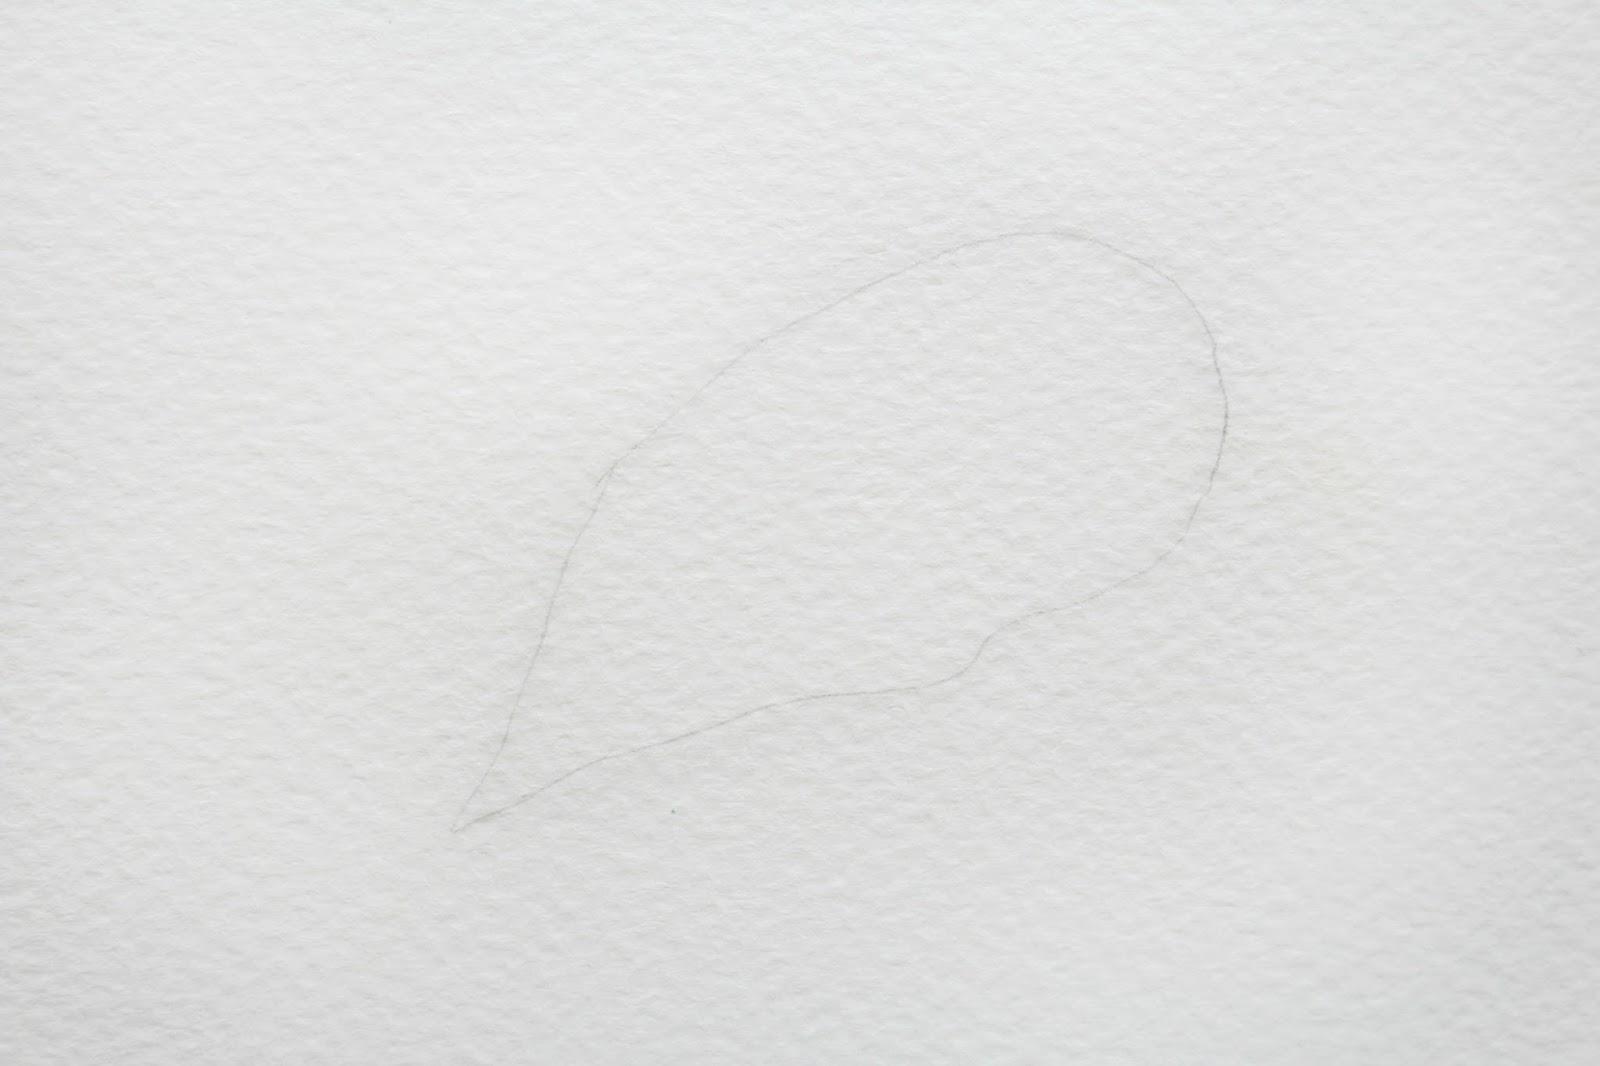 Карандашом сделайте еле заметный эскиз формы выбранного листика